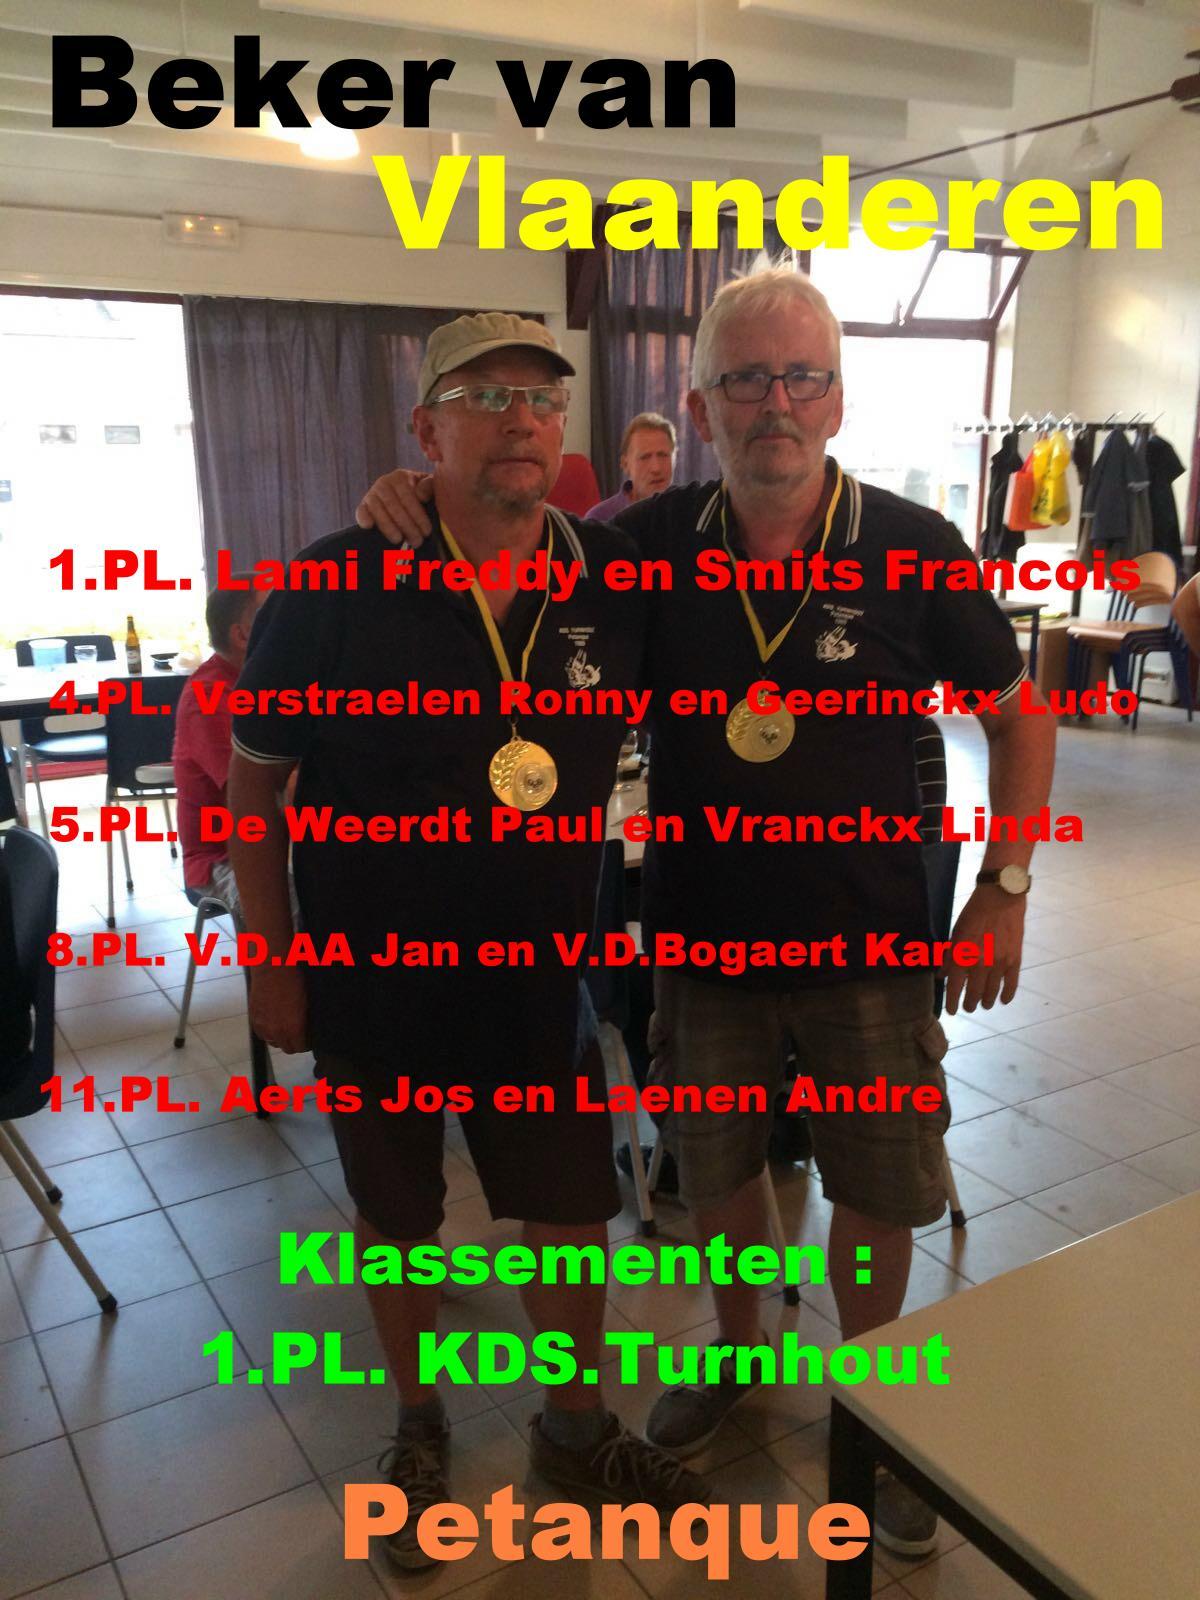 Beker van Vlaanderen Petanque